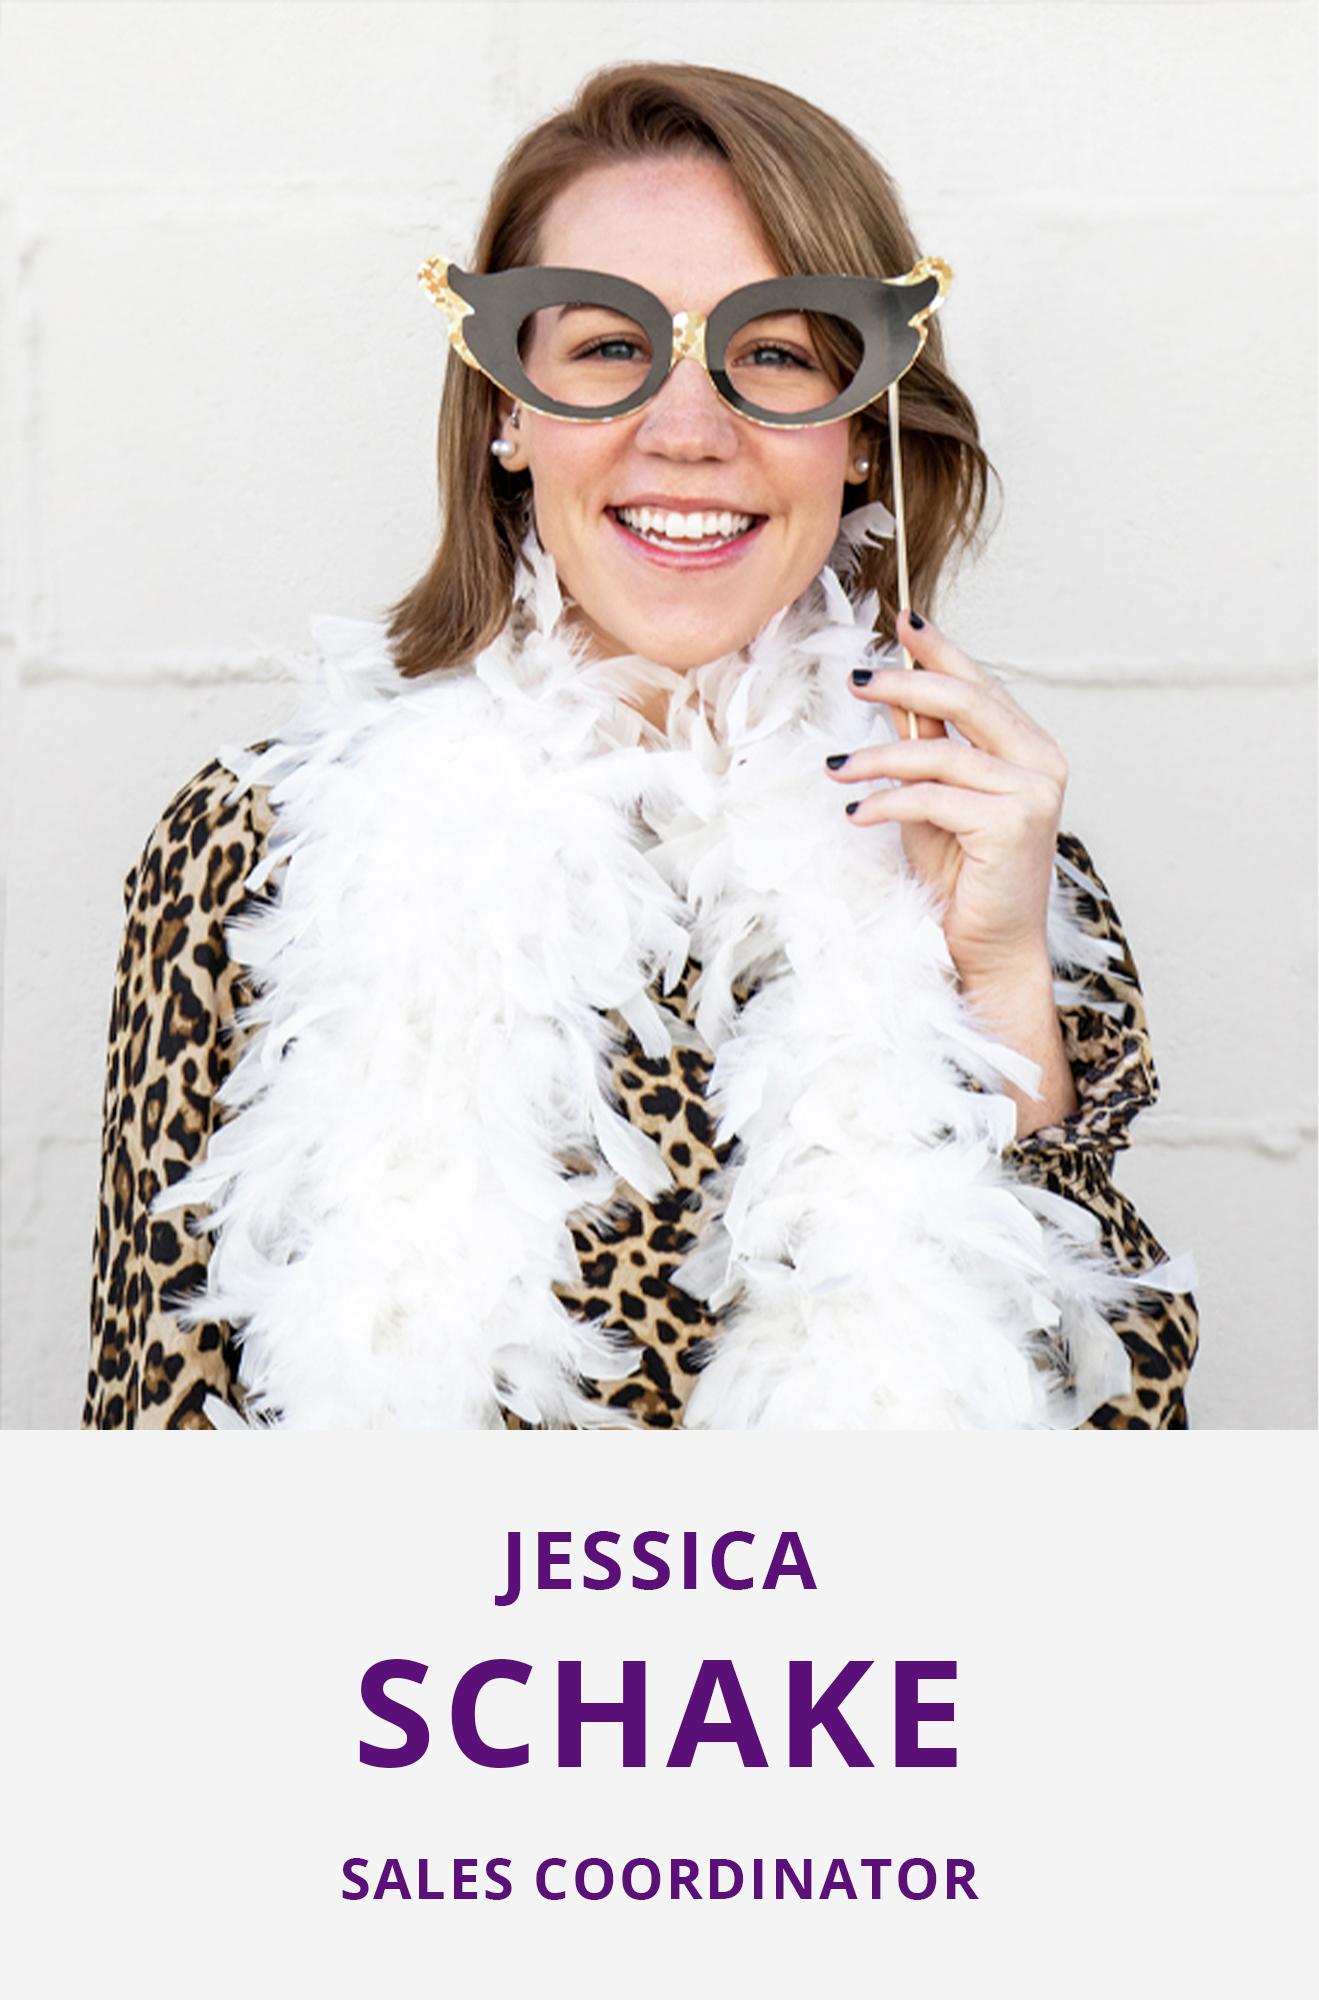 Jessica Schake